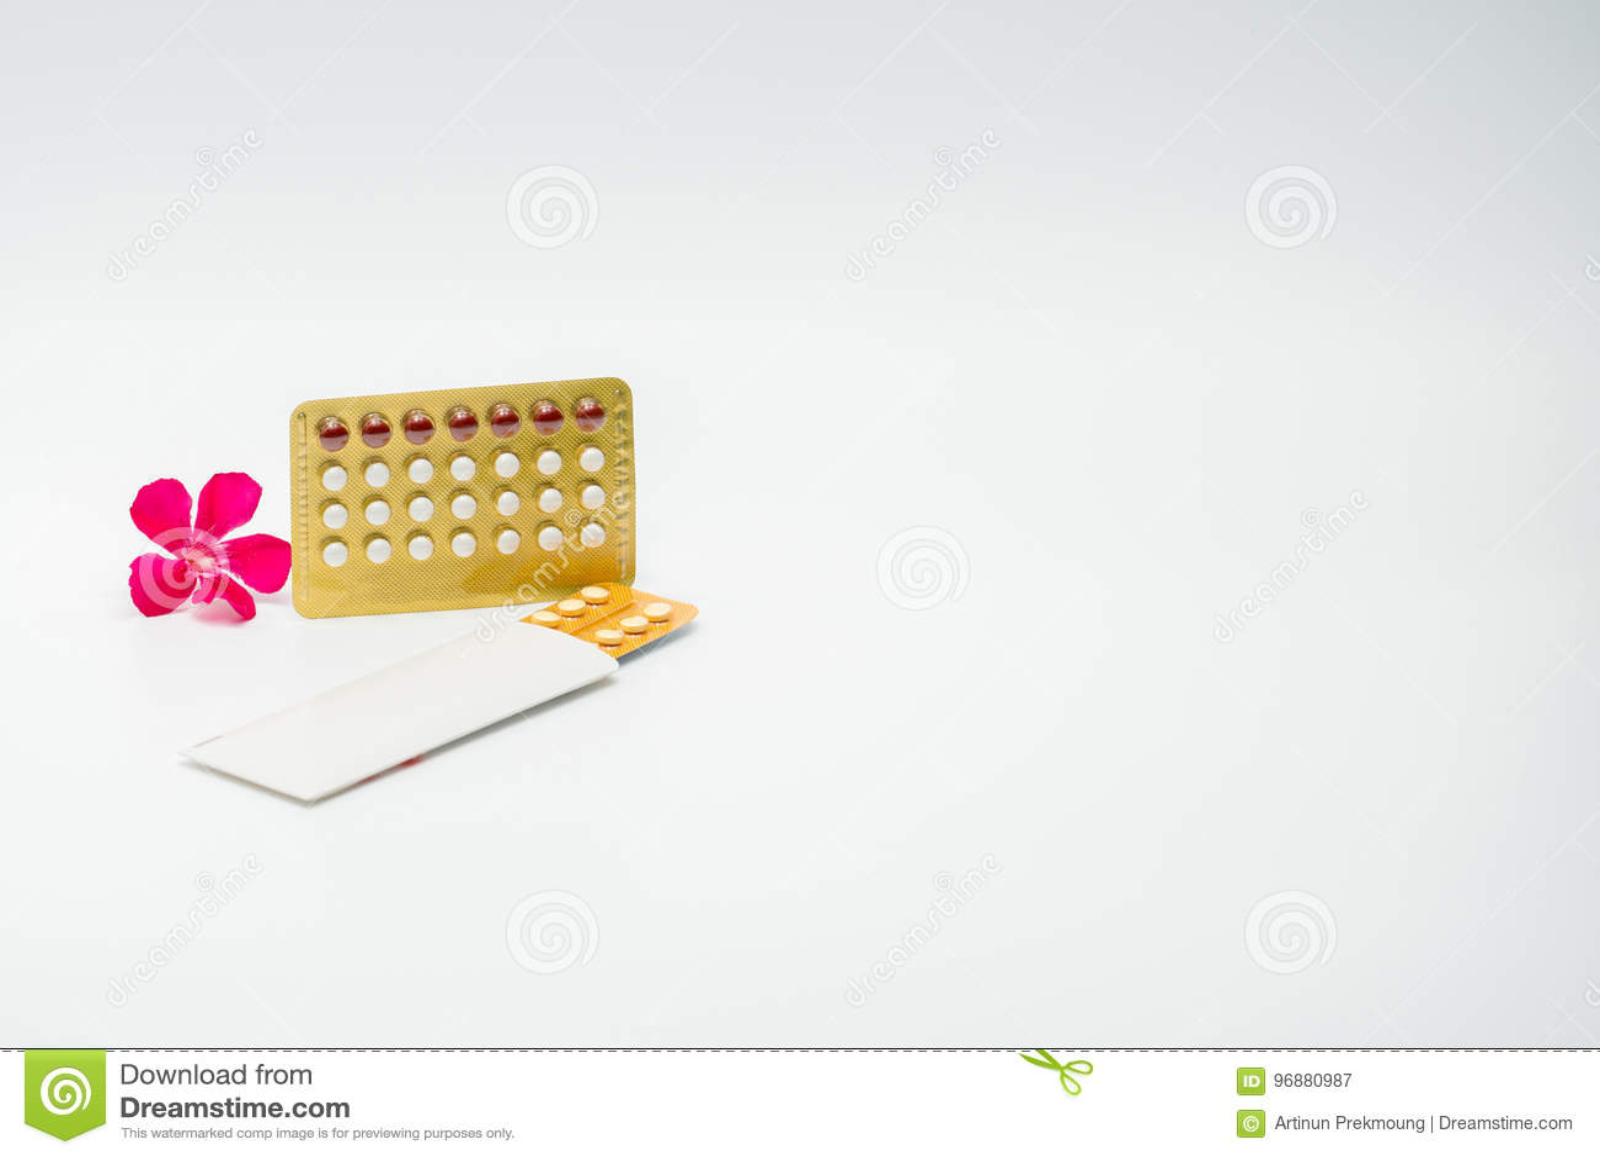 Противозачаточные таблетки с розовым цветком